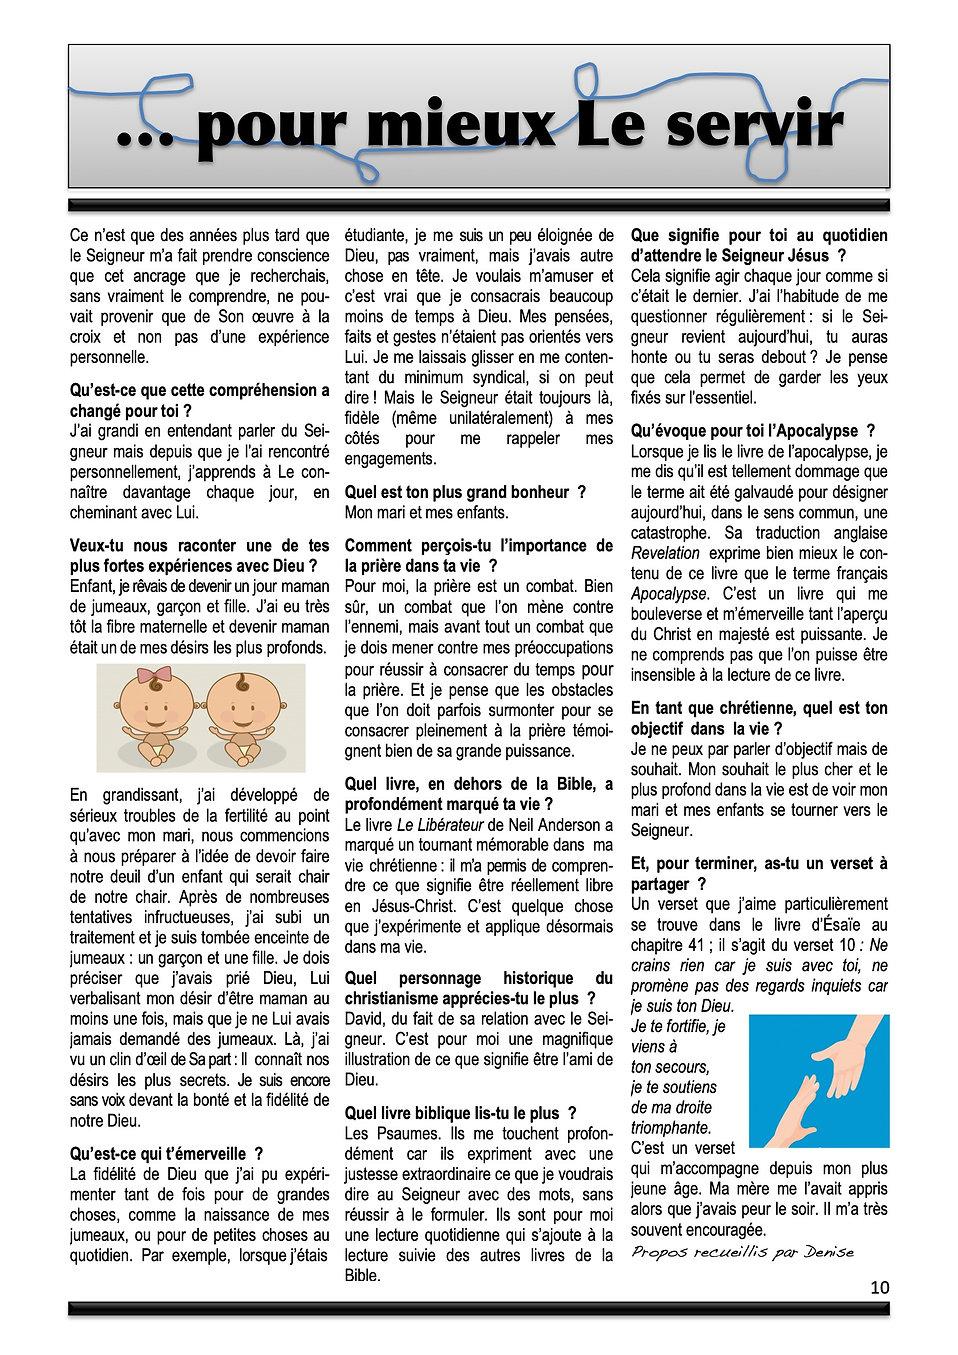 P'tit BN 31-51-page10.jpeg